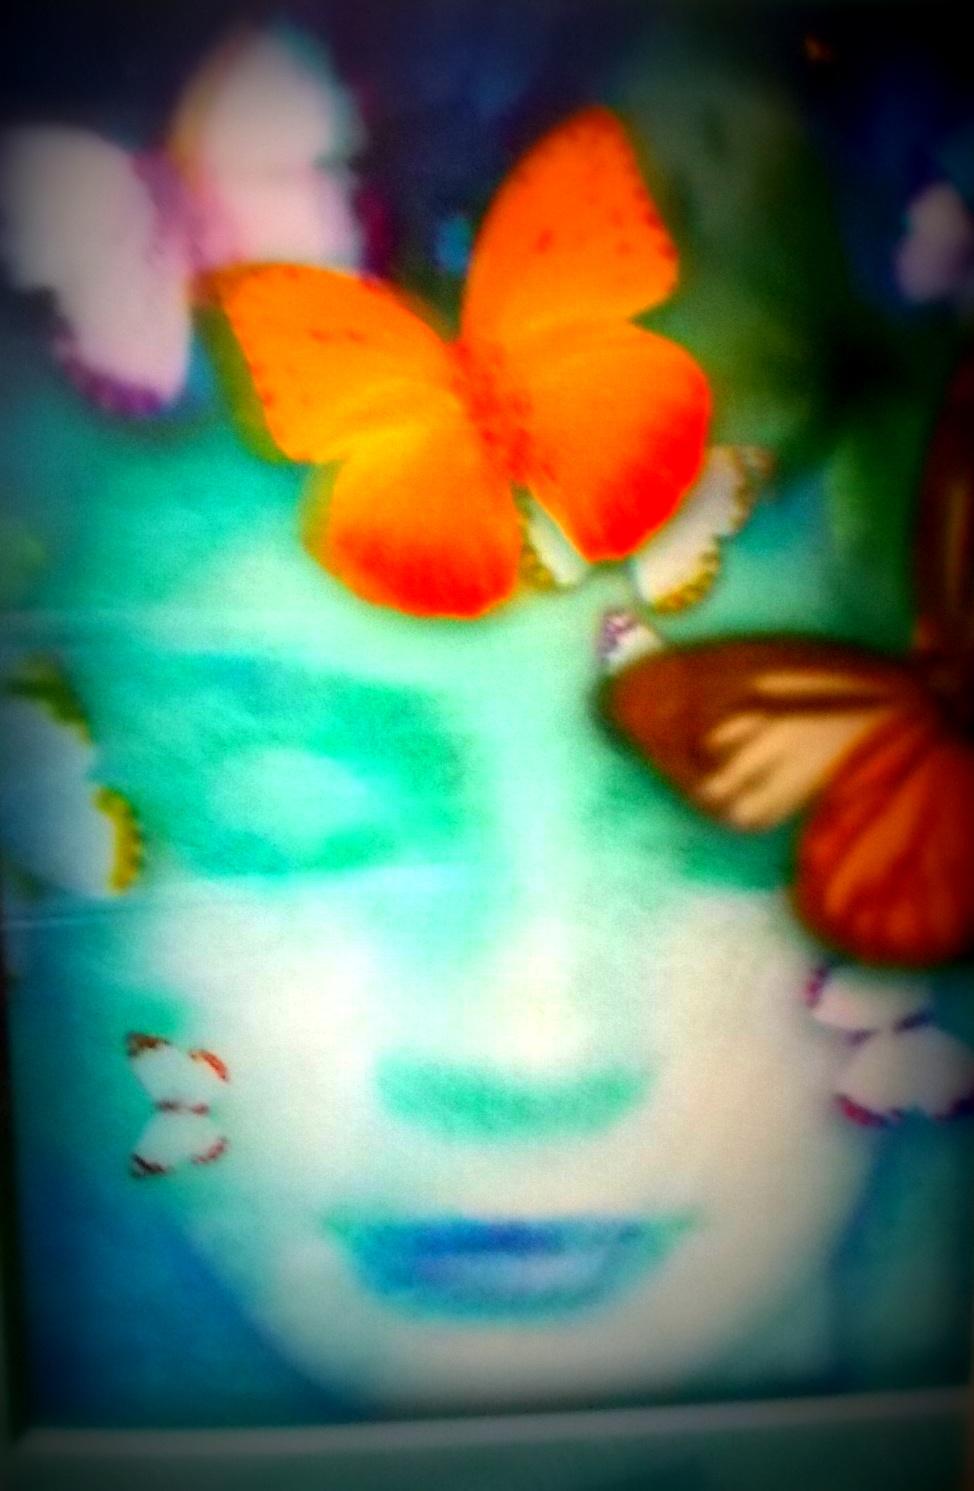 ButterflySoul